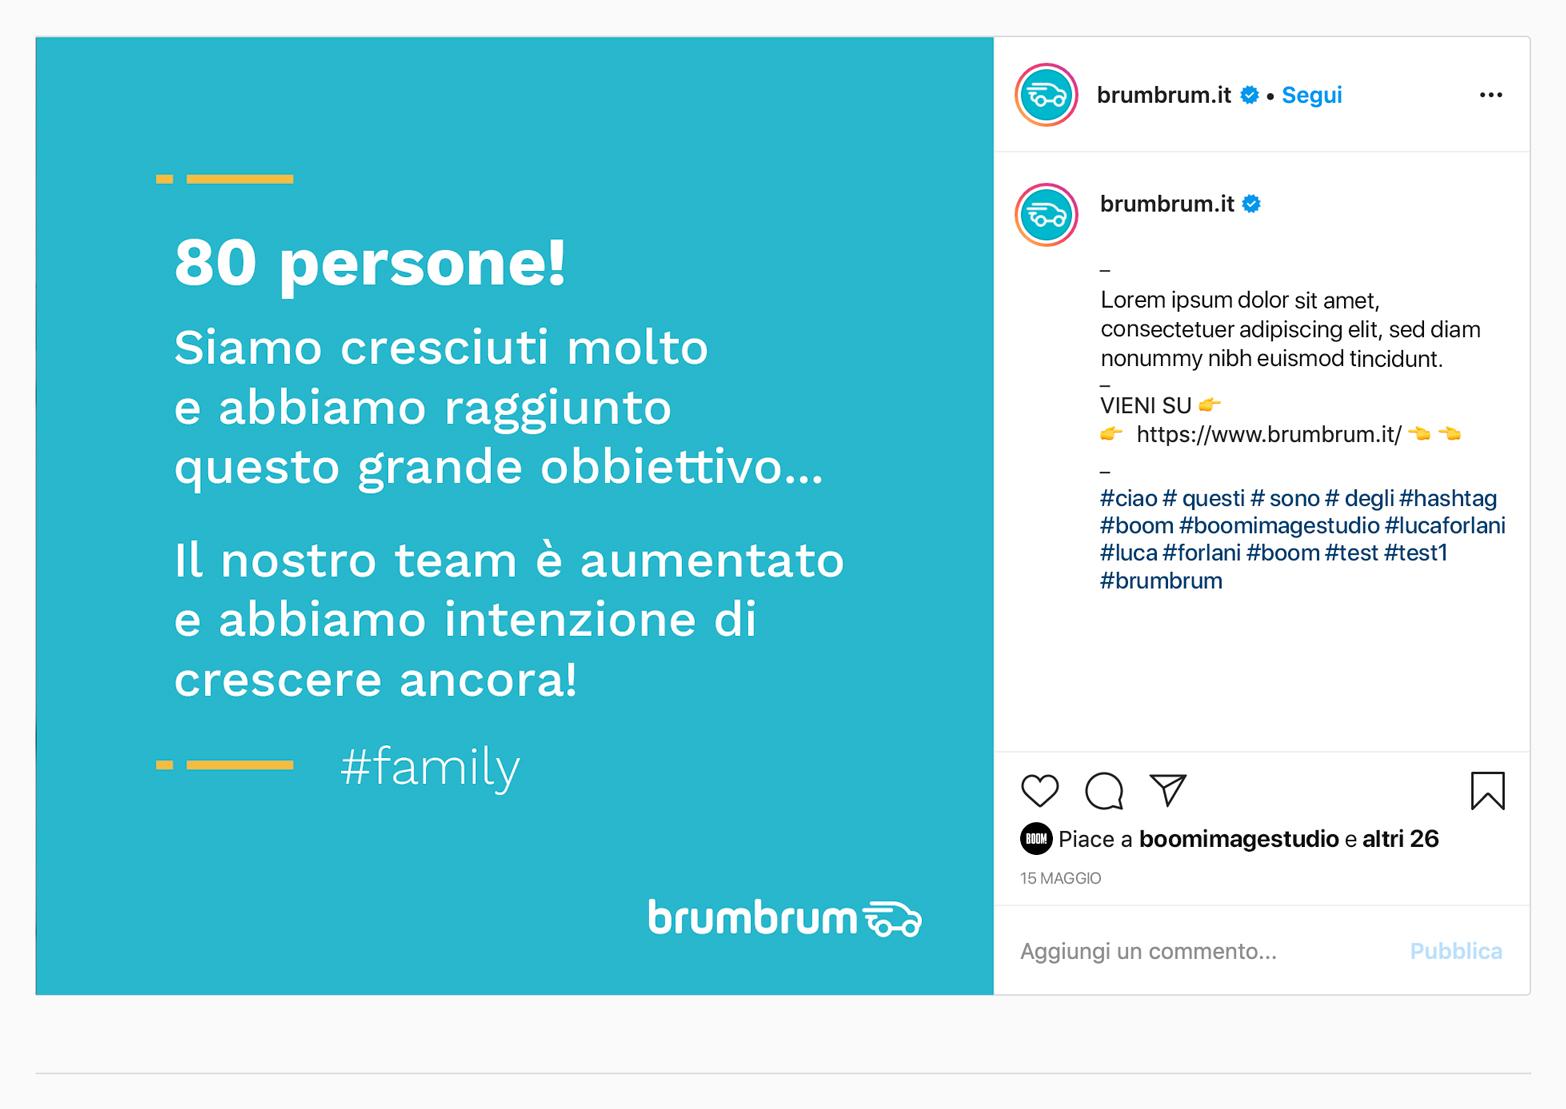 Luca Forlani Insta brumbrum 2 per Boom.jpg